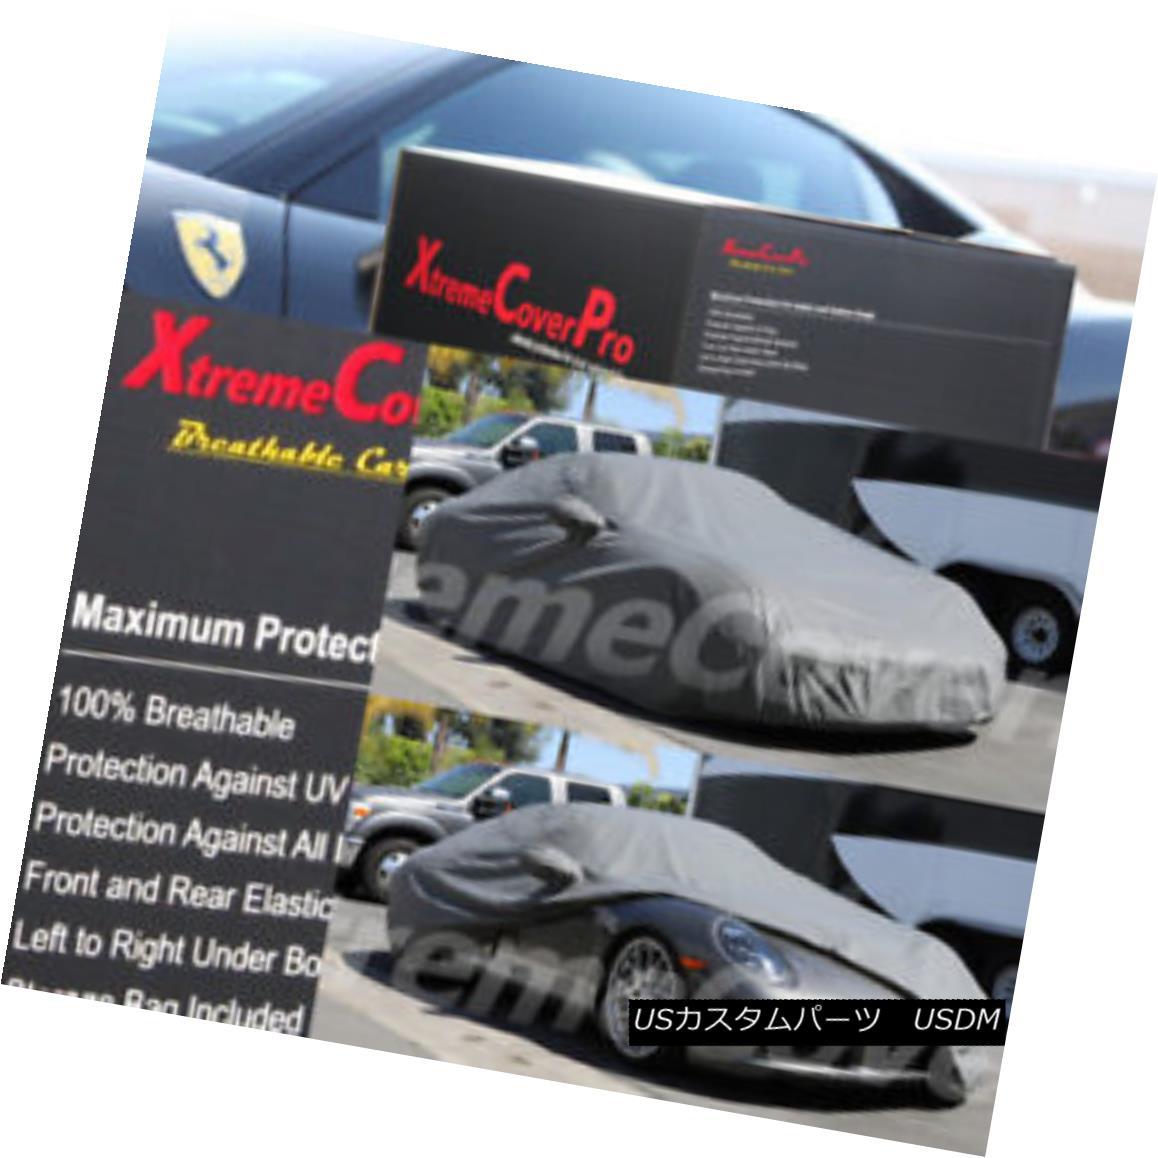 カーカバー CUSTOM FIT CAR COVER 2004 2005 2006 2007 2008 Porsche 911 Carrera Carrera 4 4S カスタムフィットカーカバー2004 2005 2006 2007 2008ポルシェ911カレラカレラ4 4S